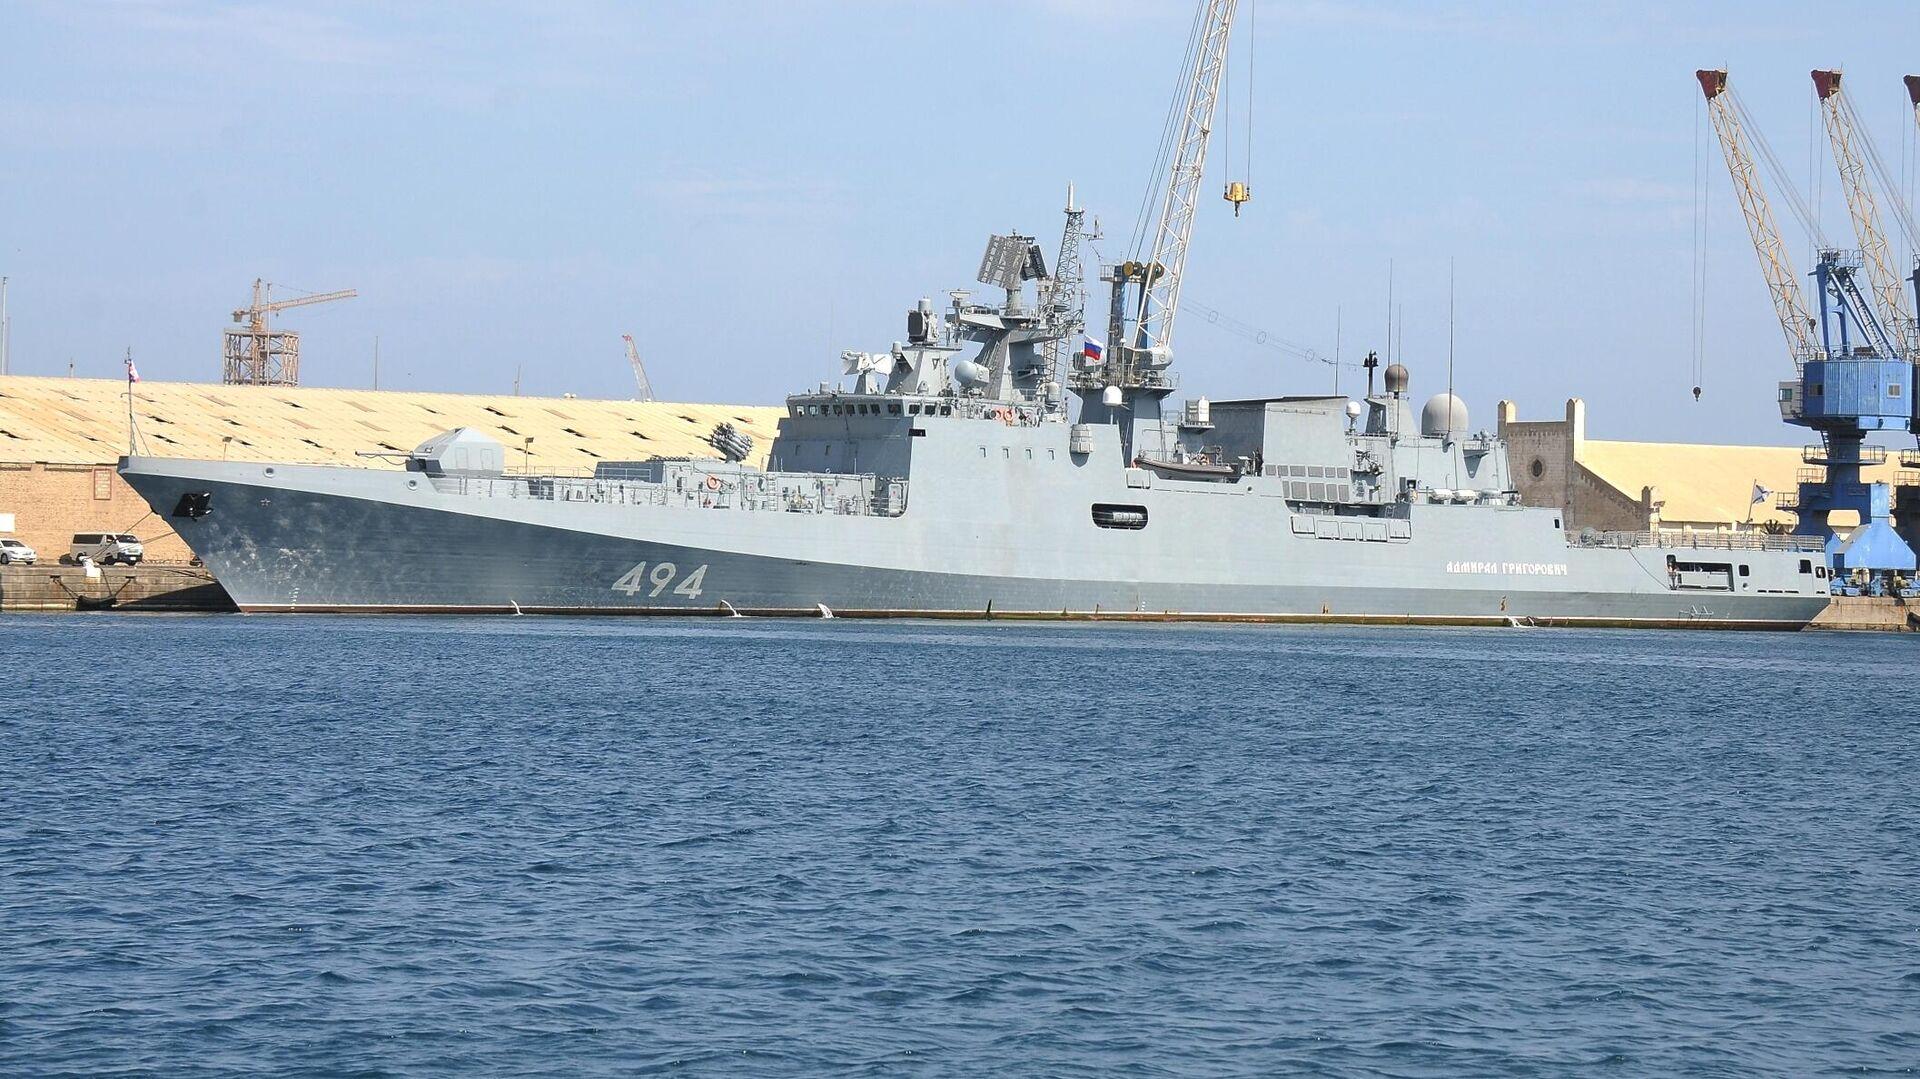 Российский боевой корабль Адмирал Григорович в Порт-Судане - РИА Новости, 1920, 12.07.2021